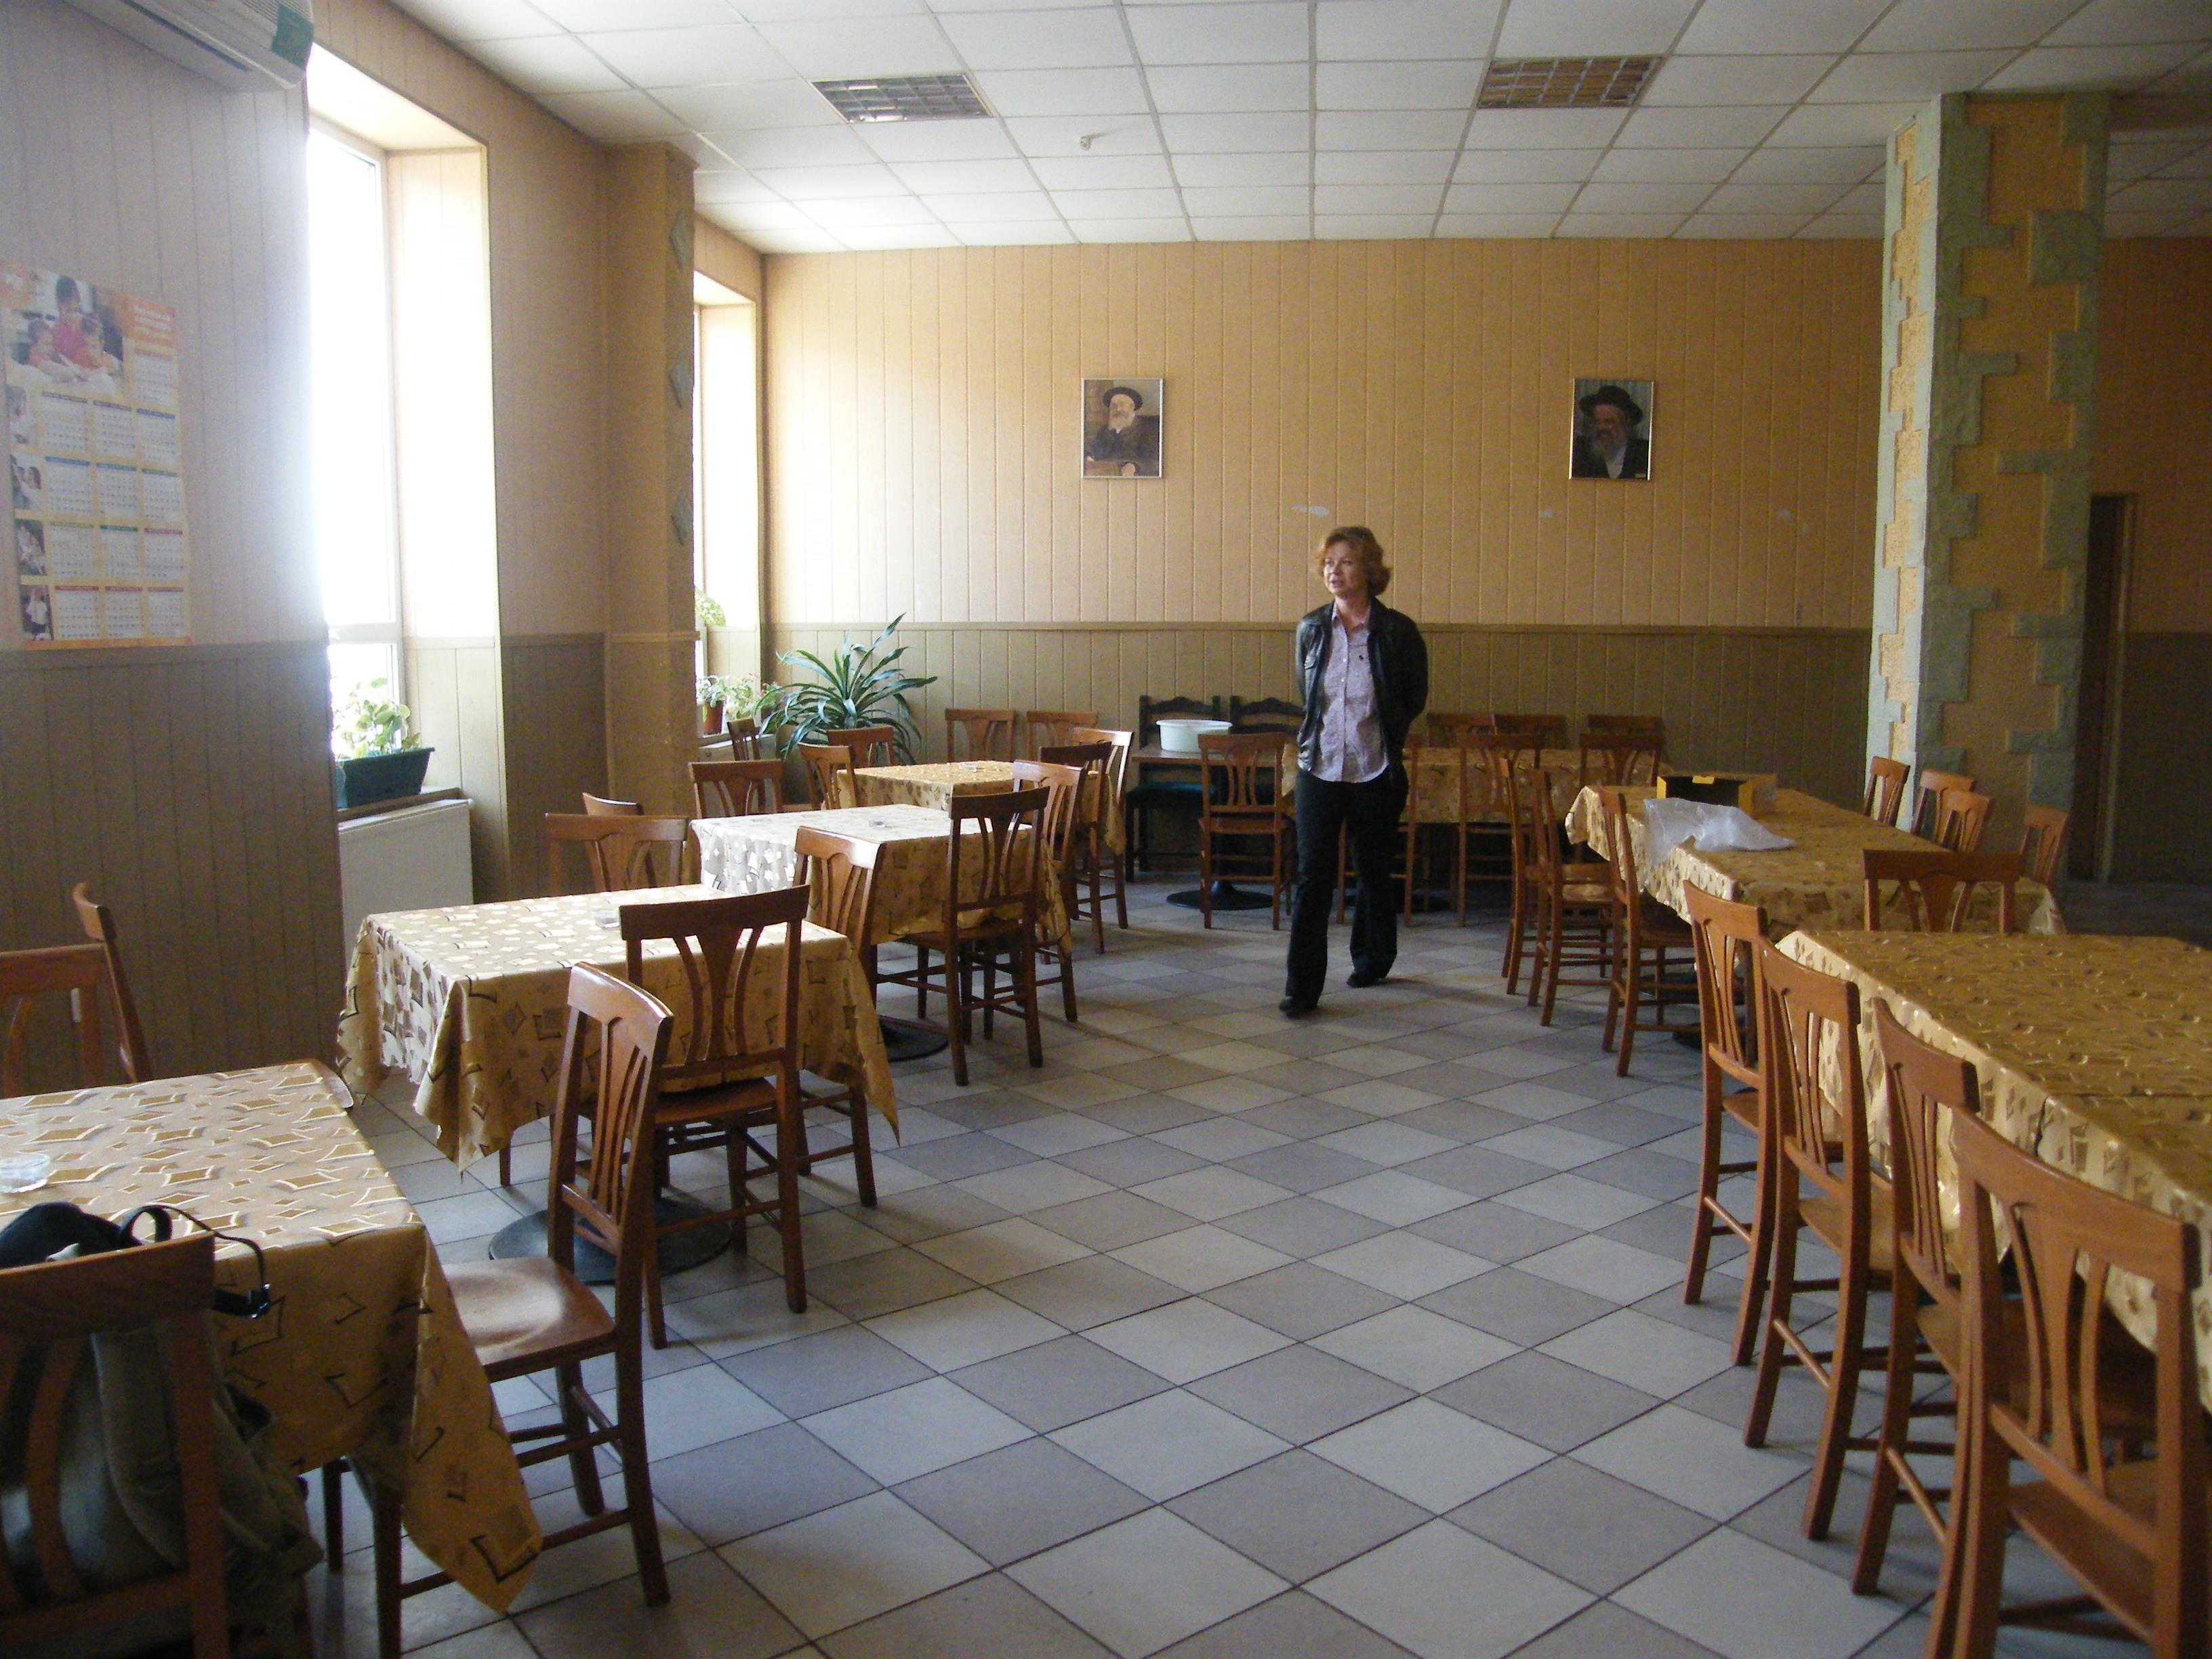 A zsidó közösséeg intézményei, konyha és étkező.JPG